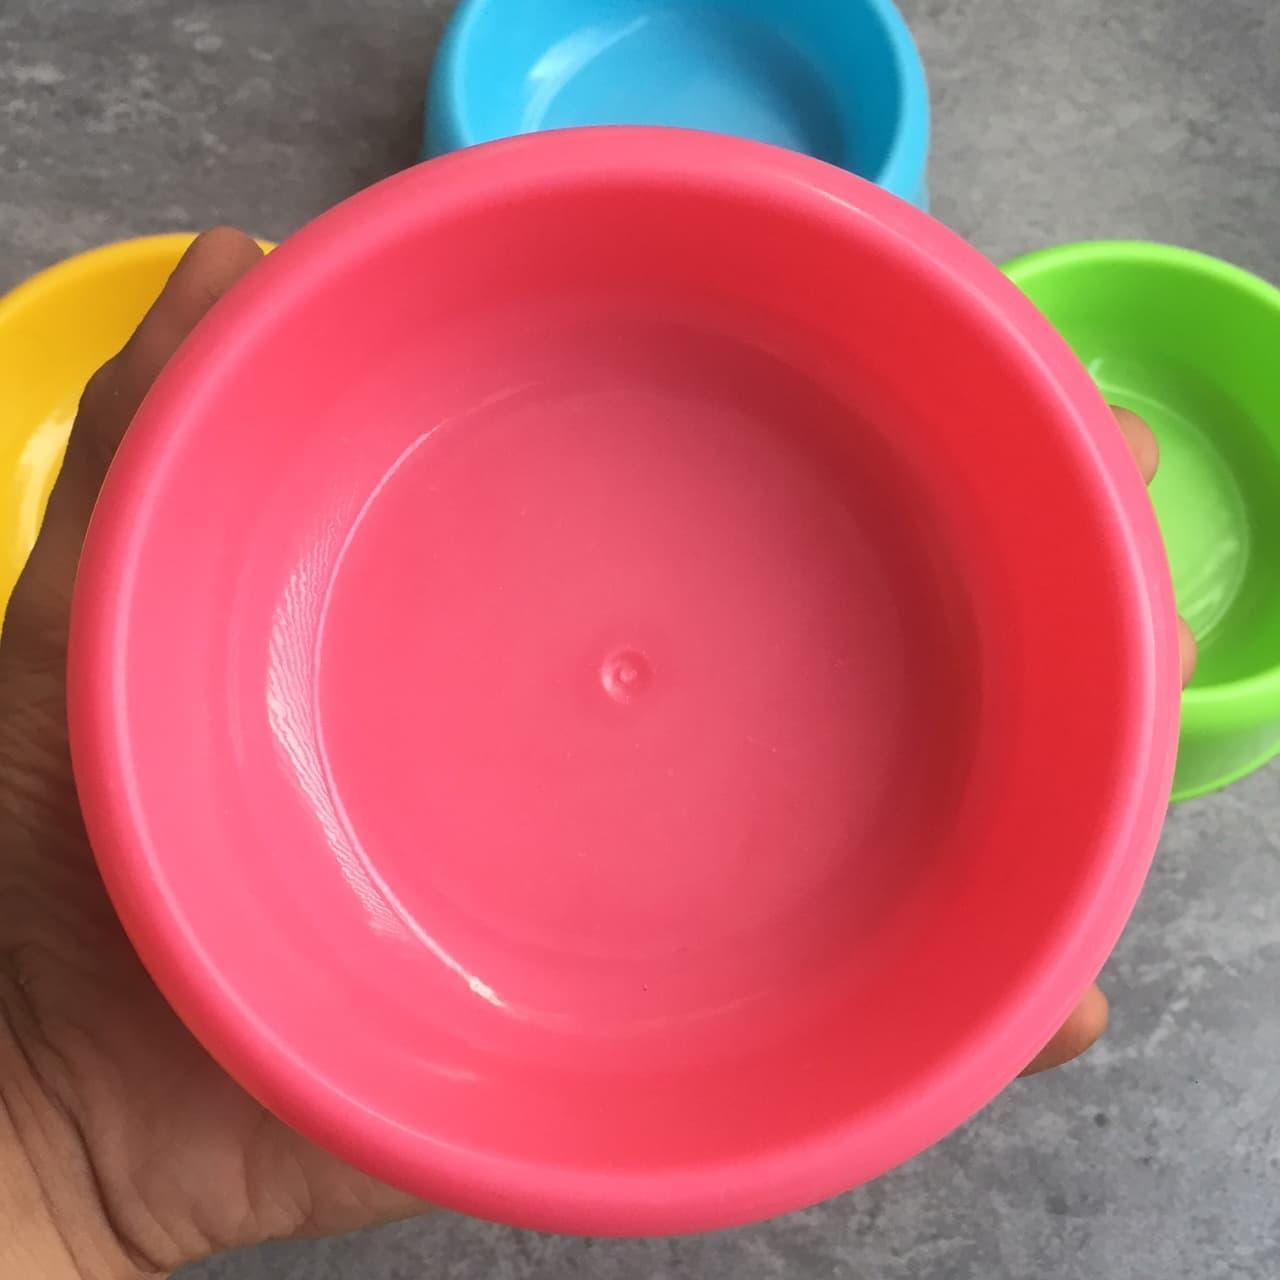 Fitur Tempat Makan Bright Single Bowl Hot Item Dan Harga Terbaru Lusty Bunny And Spoon Set Biru Muda Detail Gambar Terkini